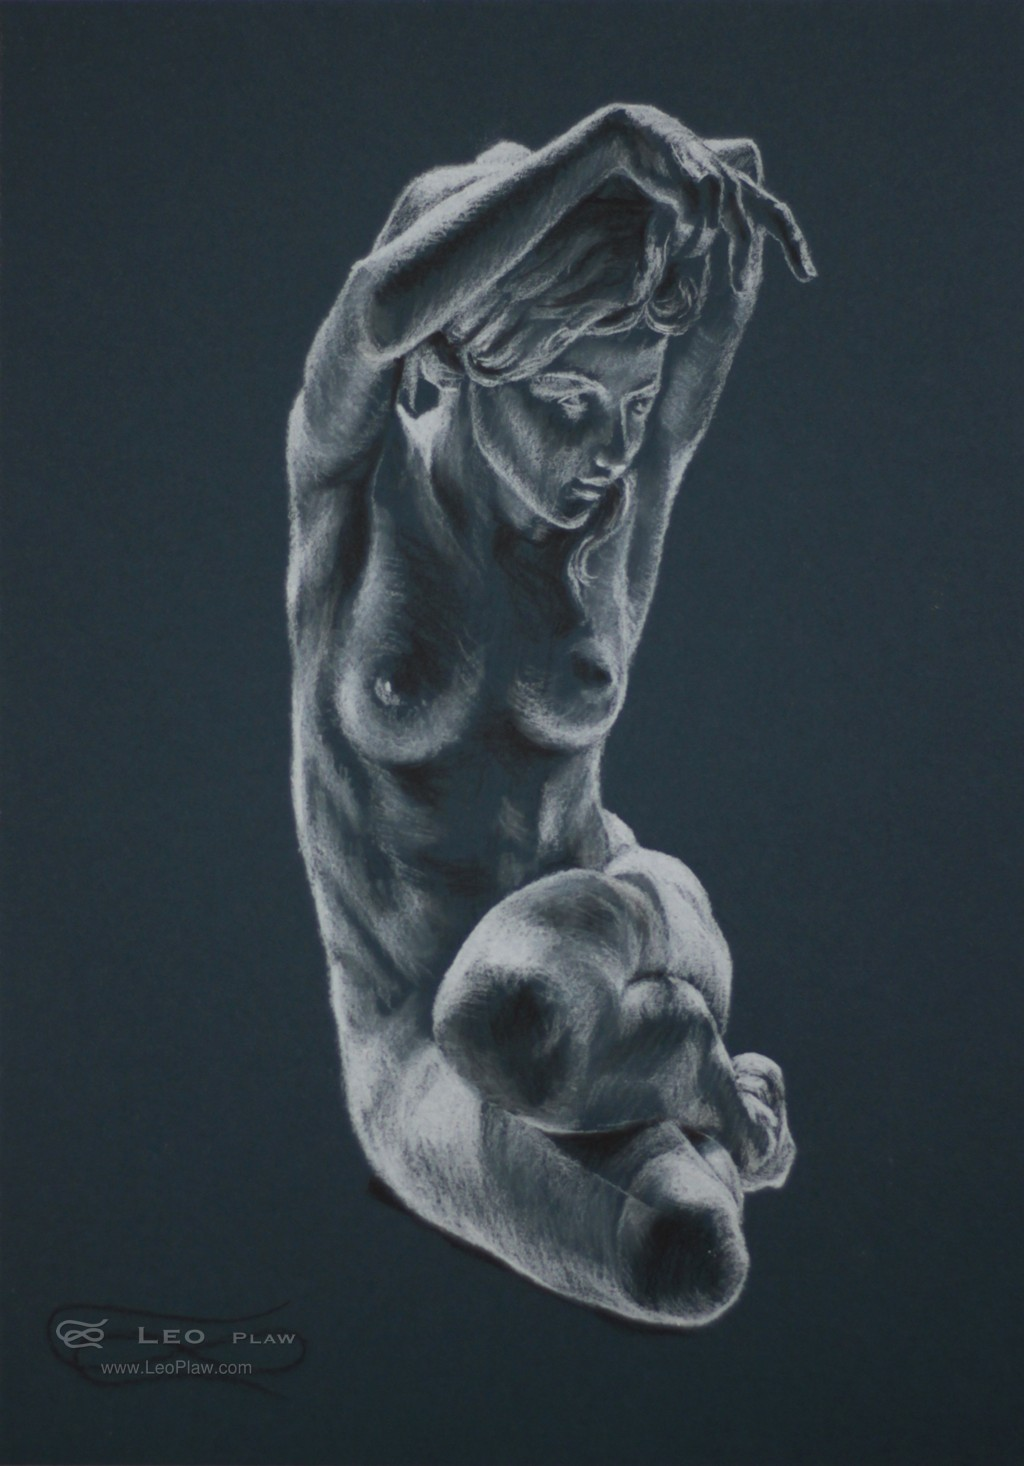 figure 13, Leo Plaw, 24 x 34cm, pastel pencil on paper